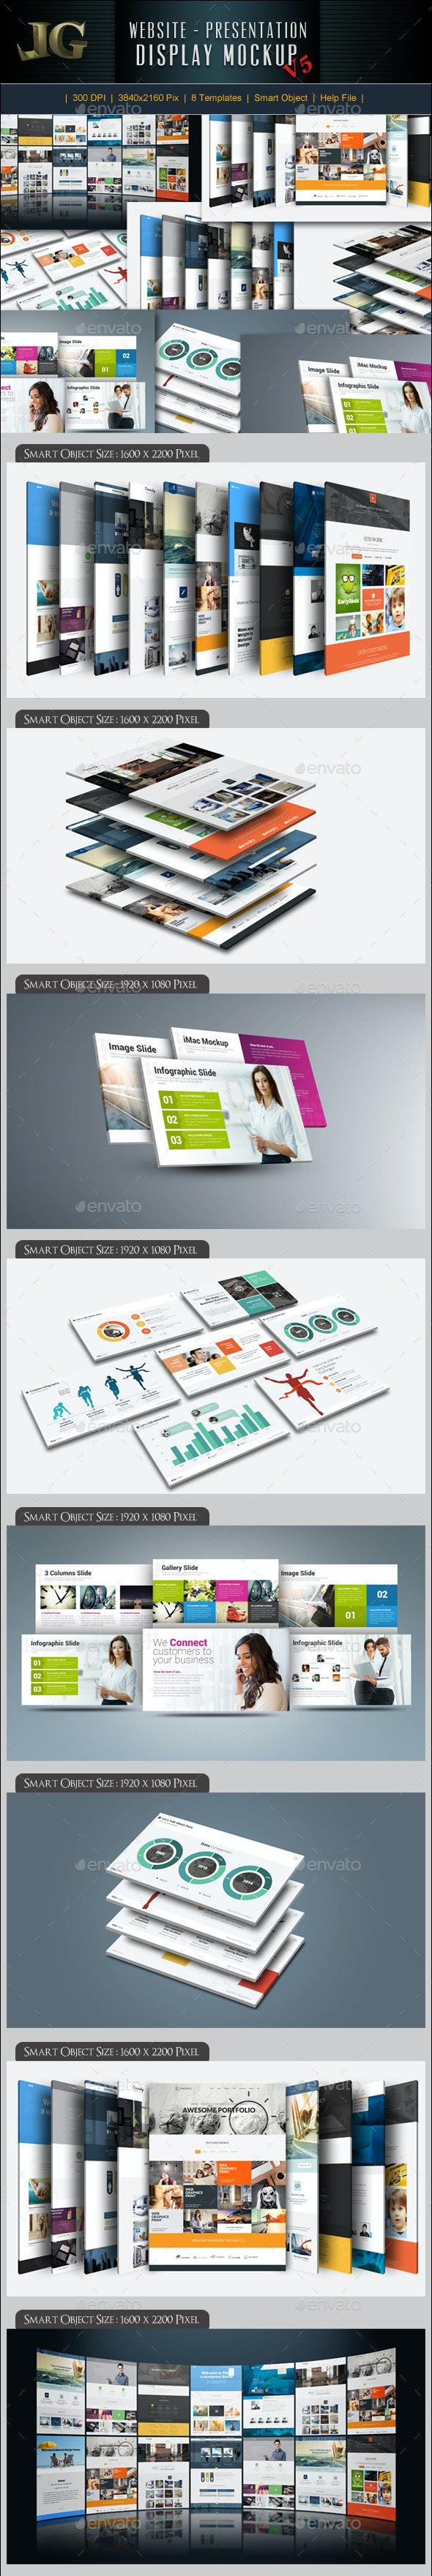 Website Presentation Mockup - Website Displays